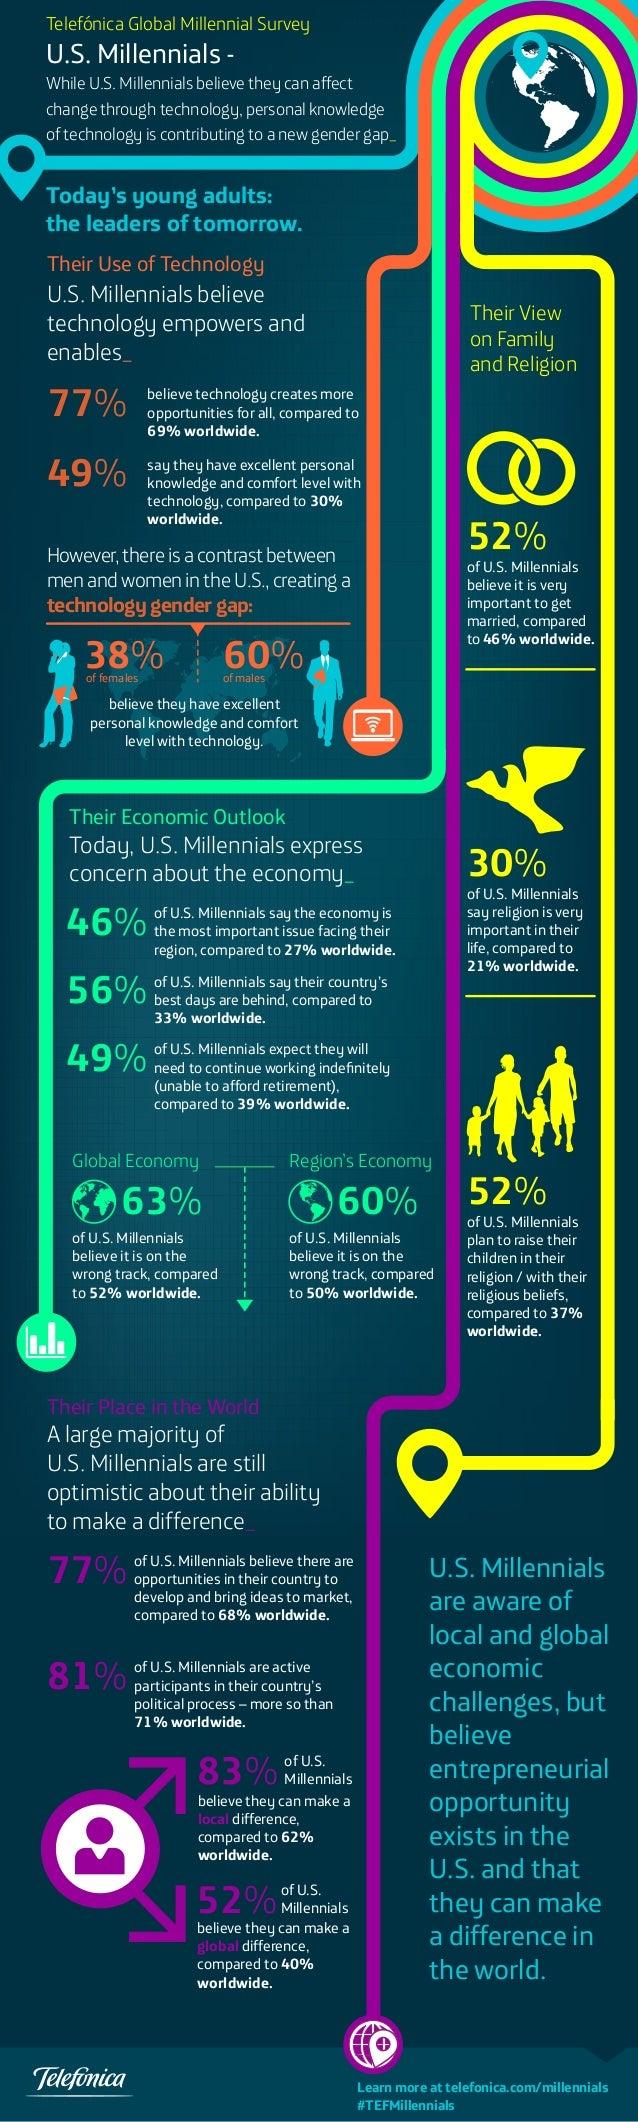 Telefónica Global Millennial Survey  U.S. Millennials -  While U.S. Millennials believe they can affect change through tec...